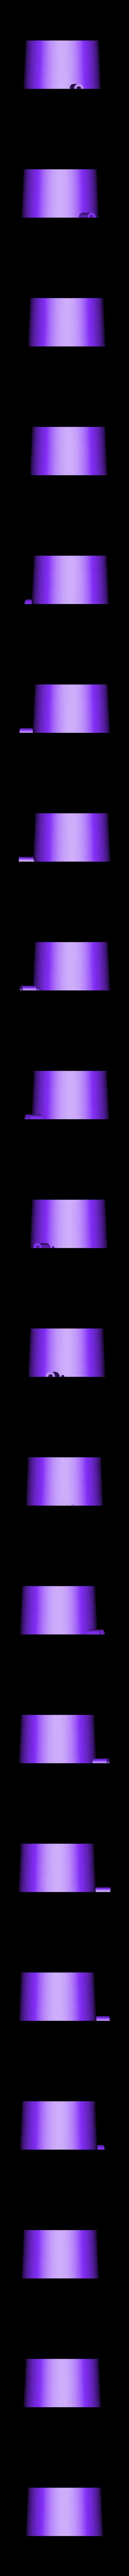 2_cannon_mid_low.stl Télécharger fichier STL gratuit Canon son et lumière • Modèle pour imprimante 3D, ewr2san